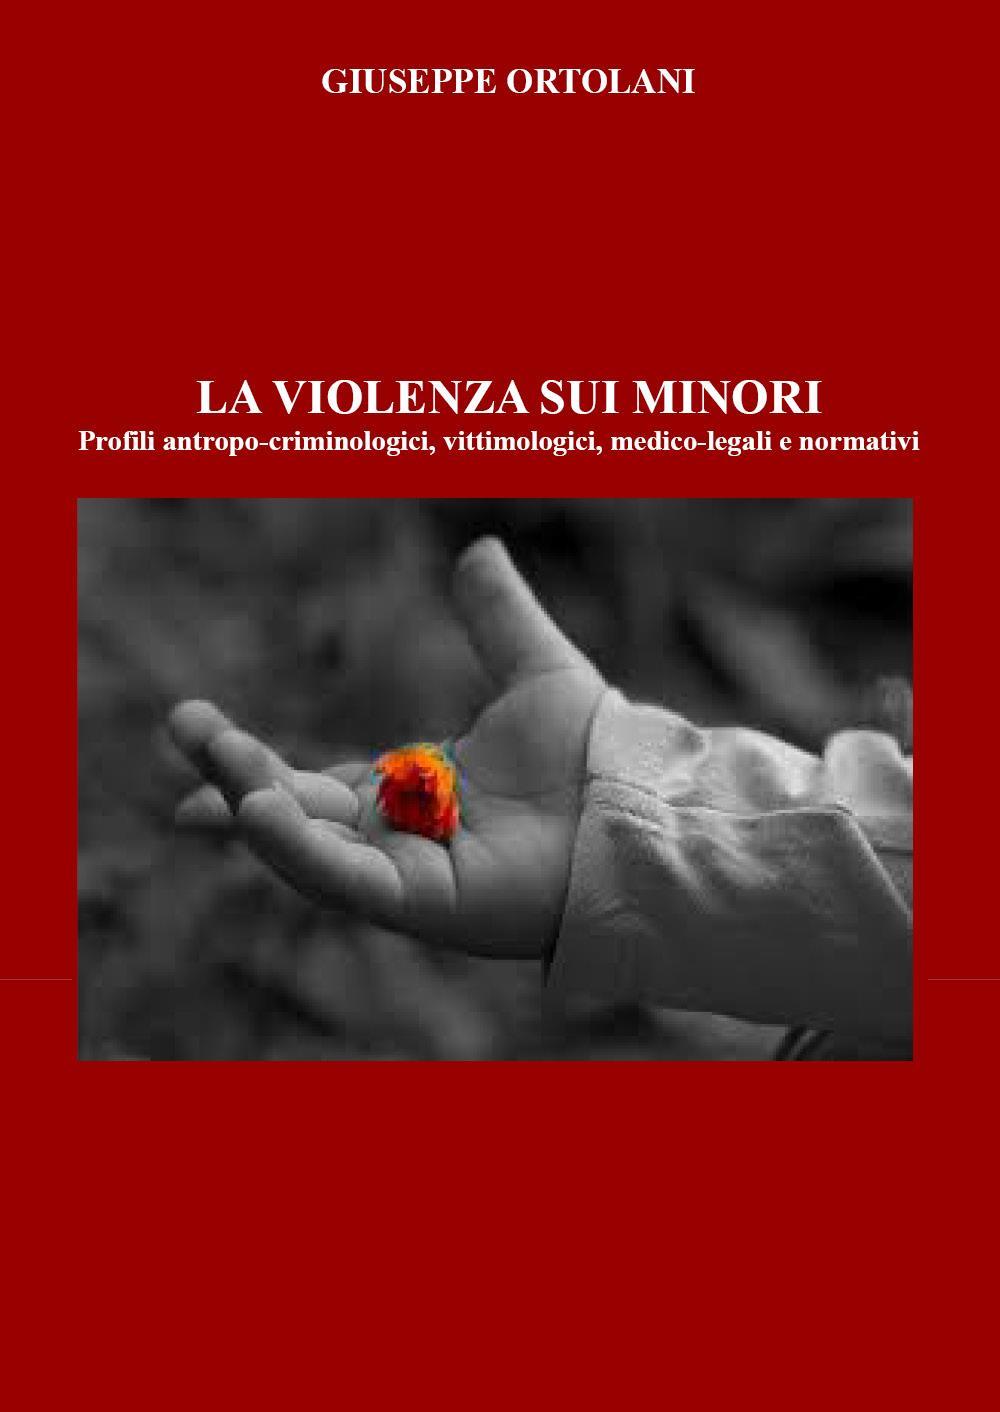 La violenza sui minori. Profili antropo-criminologici, vittimologici, medico-legali e normativi